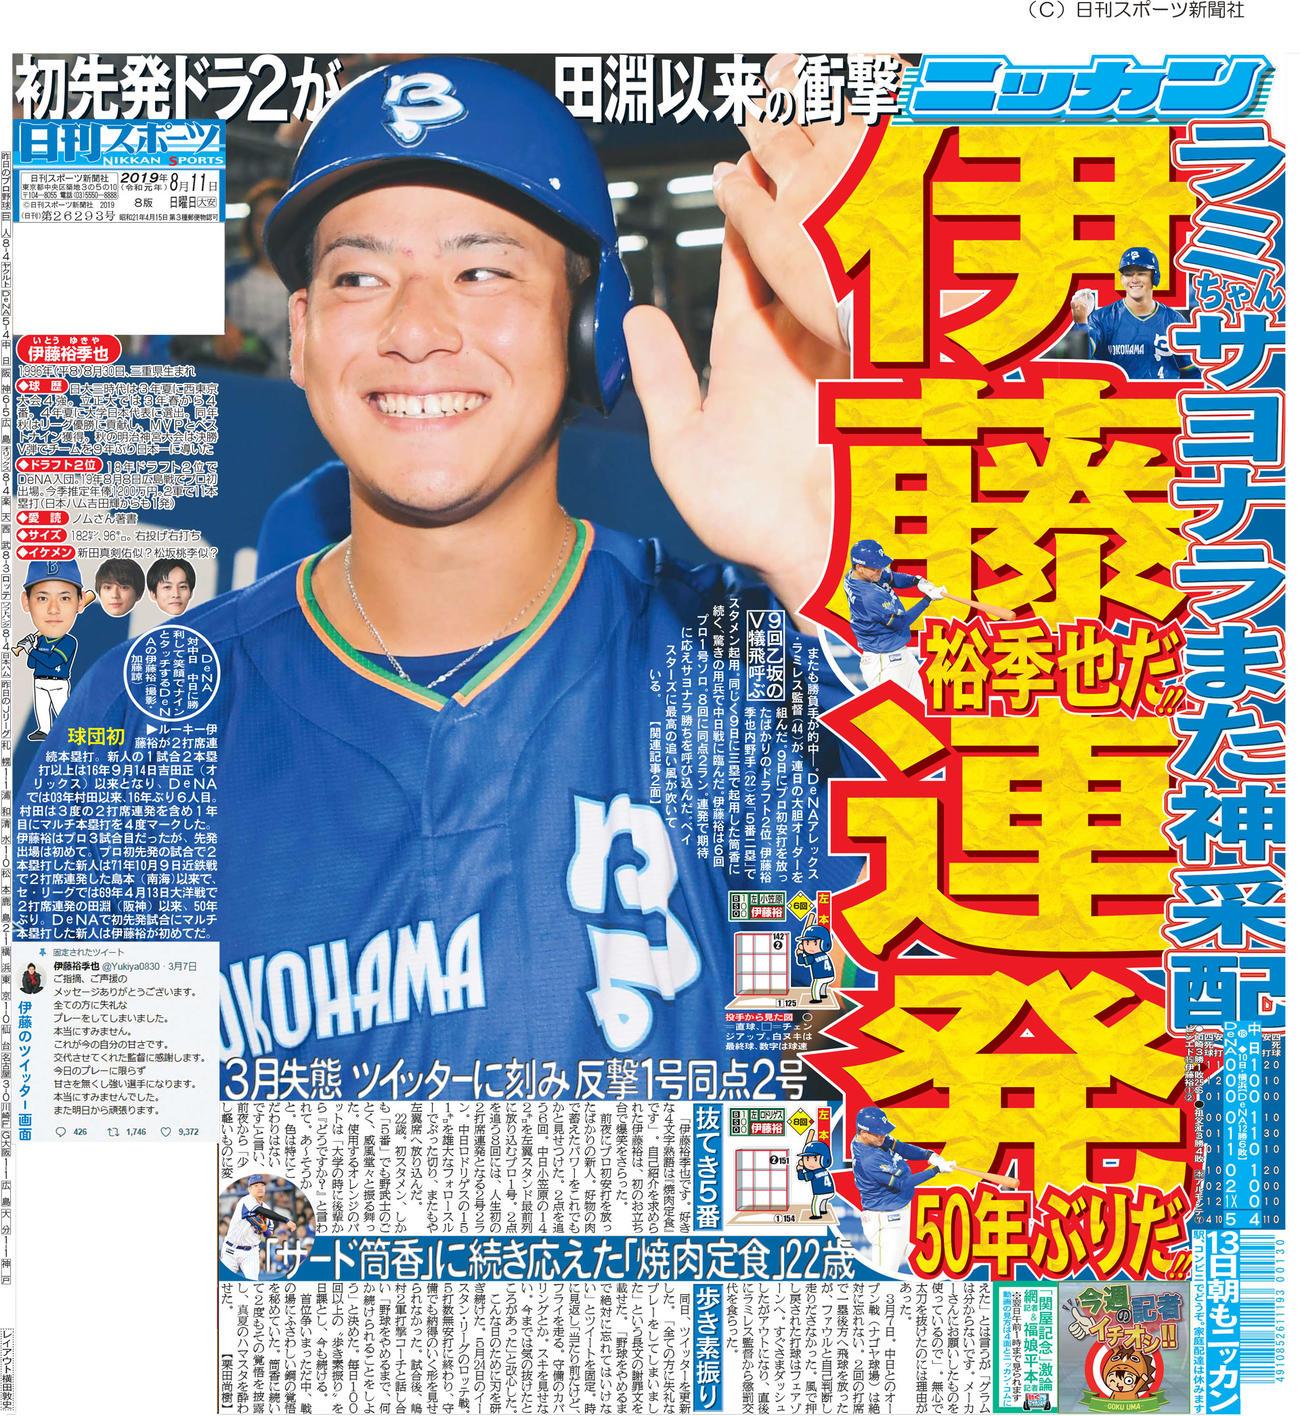 伊藤裕季也の快挙を伝えた2019年8月11日付日刊スポーツ